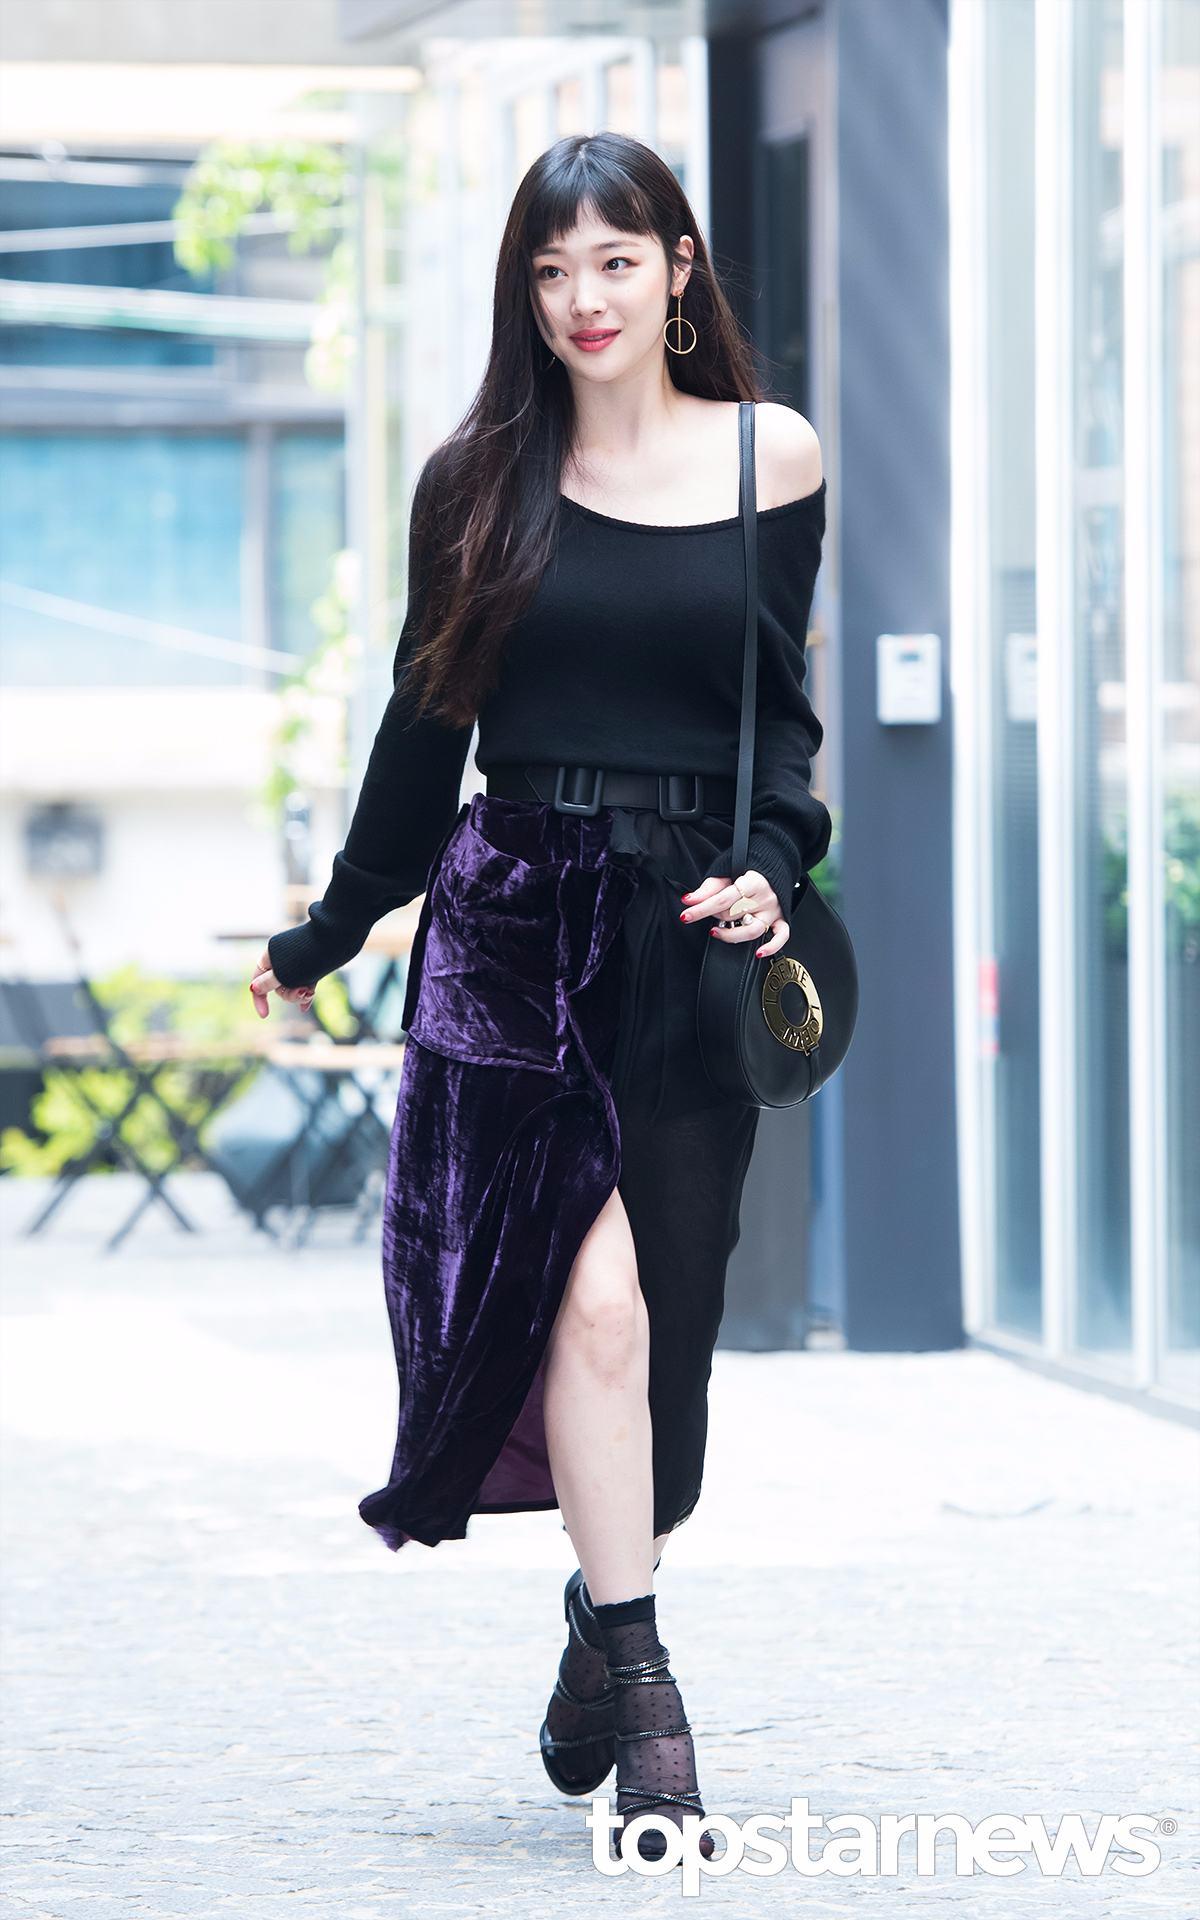 除了前面甜美風格的穿搭,最近出席活動的雪莉還展現了她性感的一面,露肩、高開叉、蕾絲襪X高跟鞋,這些極致性感的單品,跟雪莉的甜美氣質居然也毫無違和感,反而碰撞出一種反轉魅力。